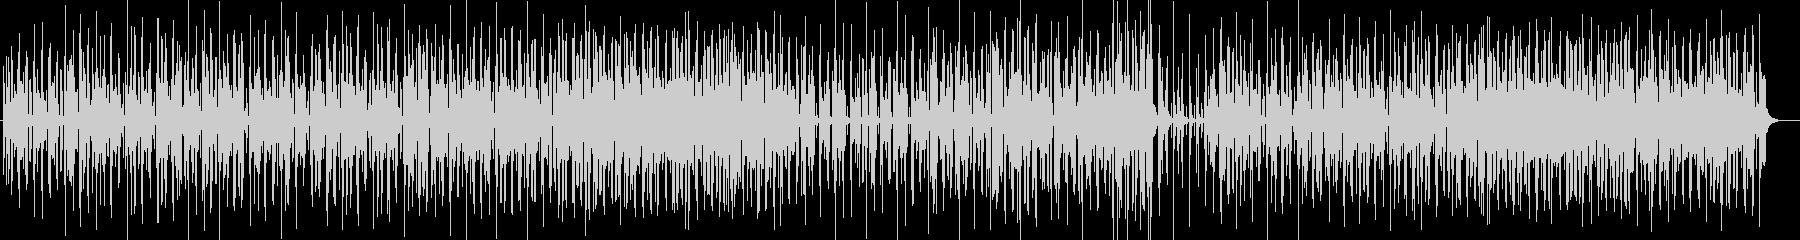 ゆったり陽気なシンセサイザーサウンドの未再生の波形